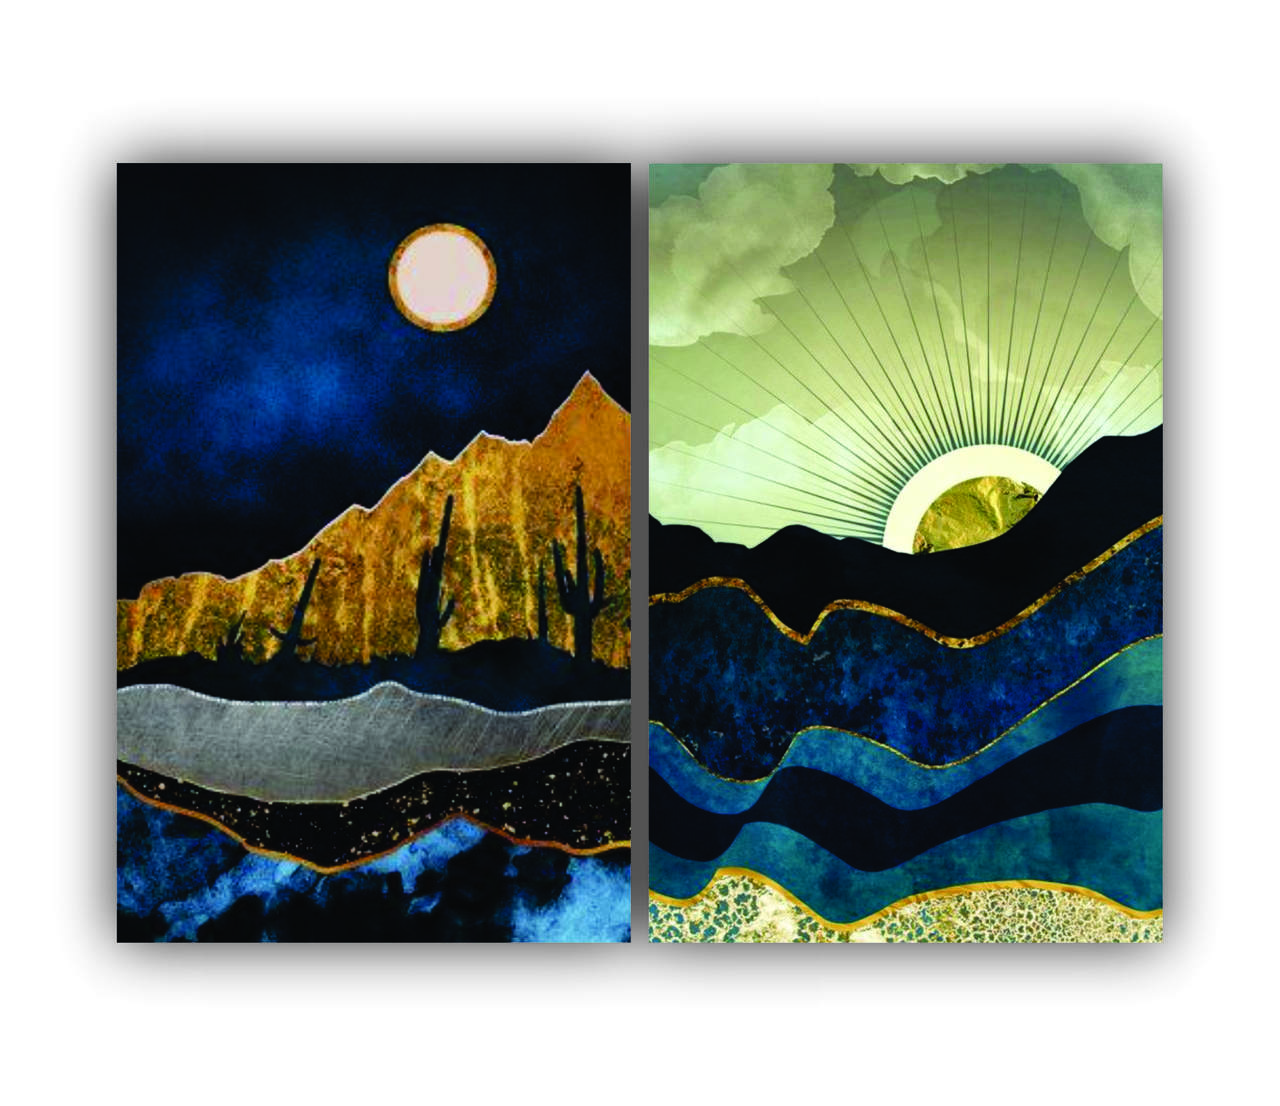 Quadro Abstrato Luxo Pôr do Sol Azul e Dourado -  Kit 2 telas